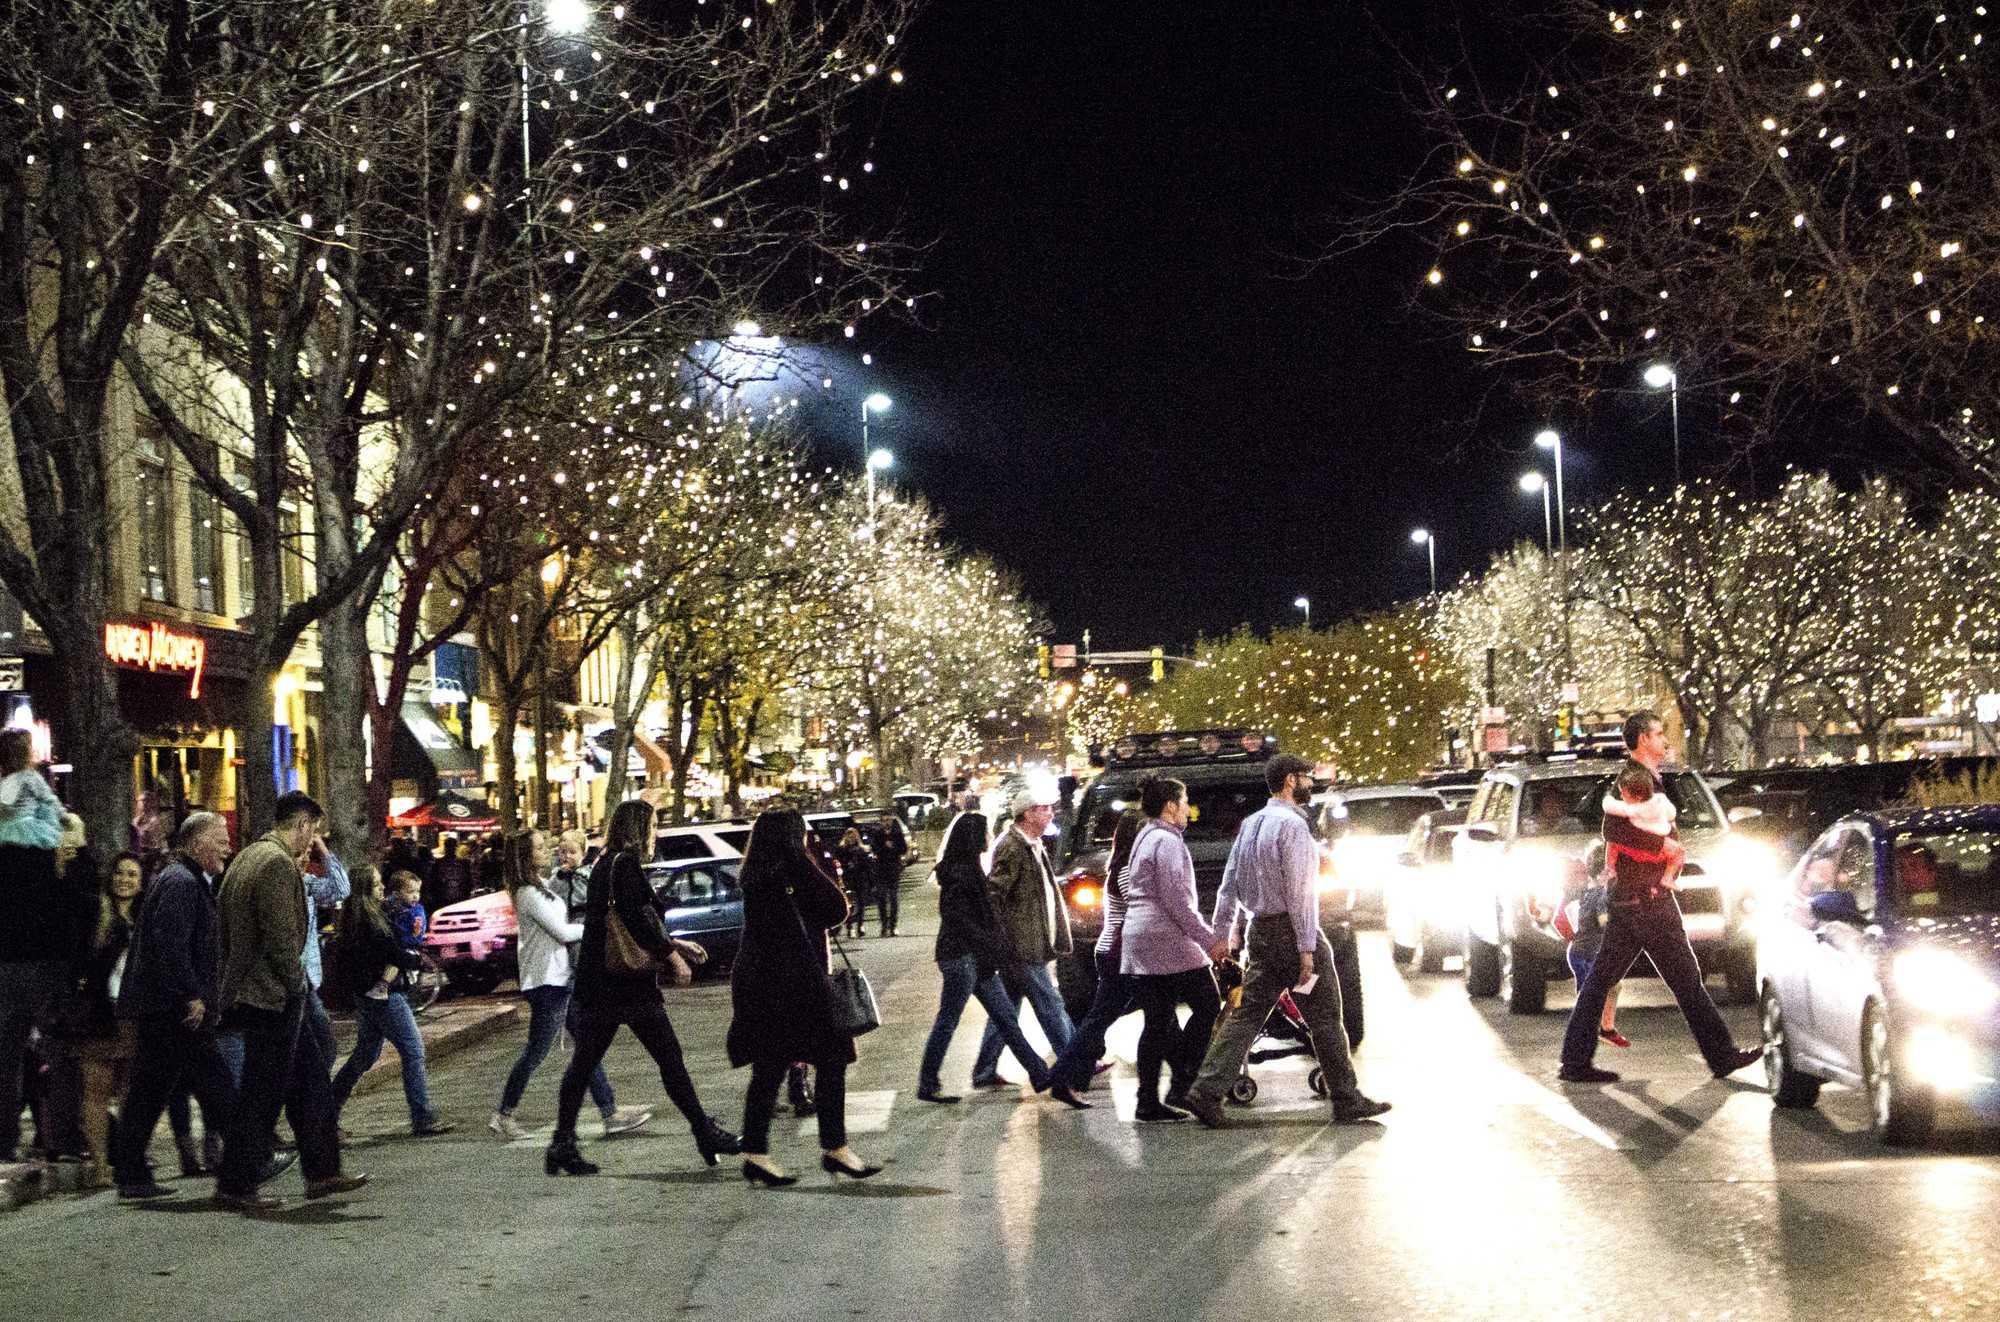 Electronic Christmas Lights